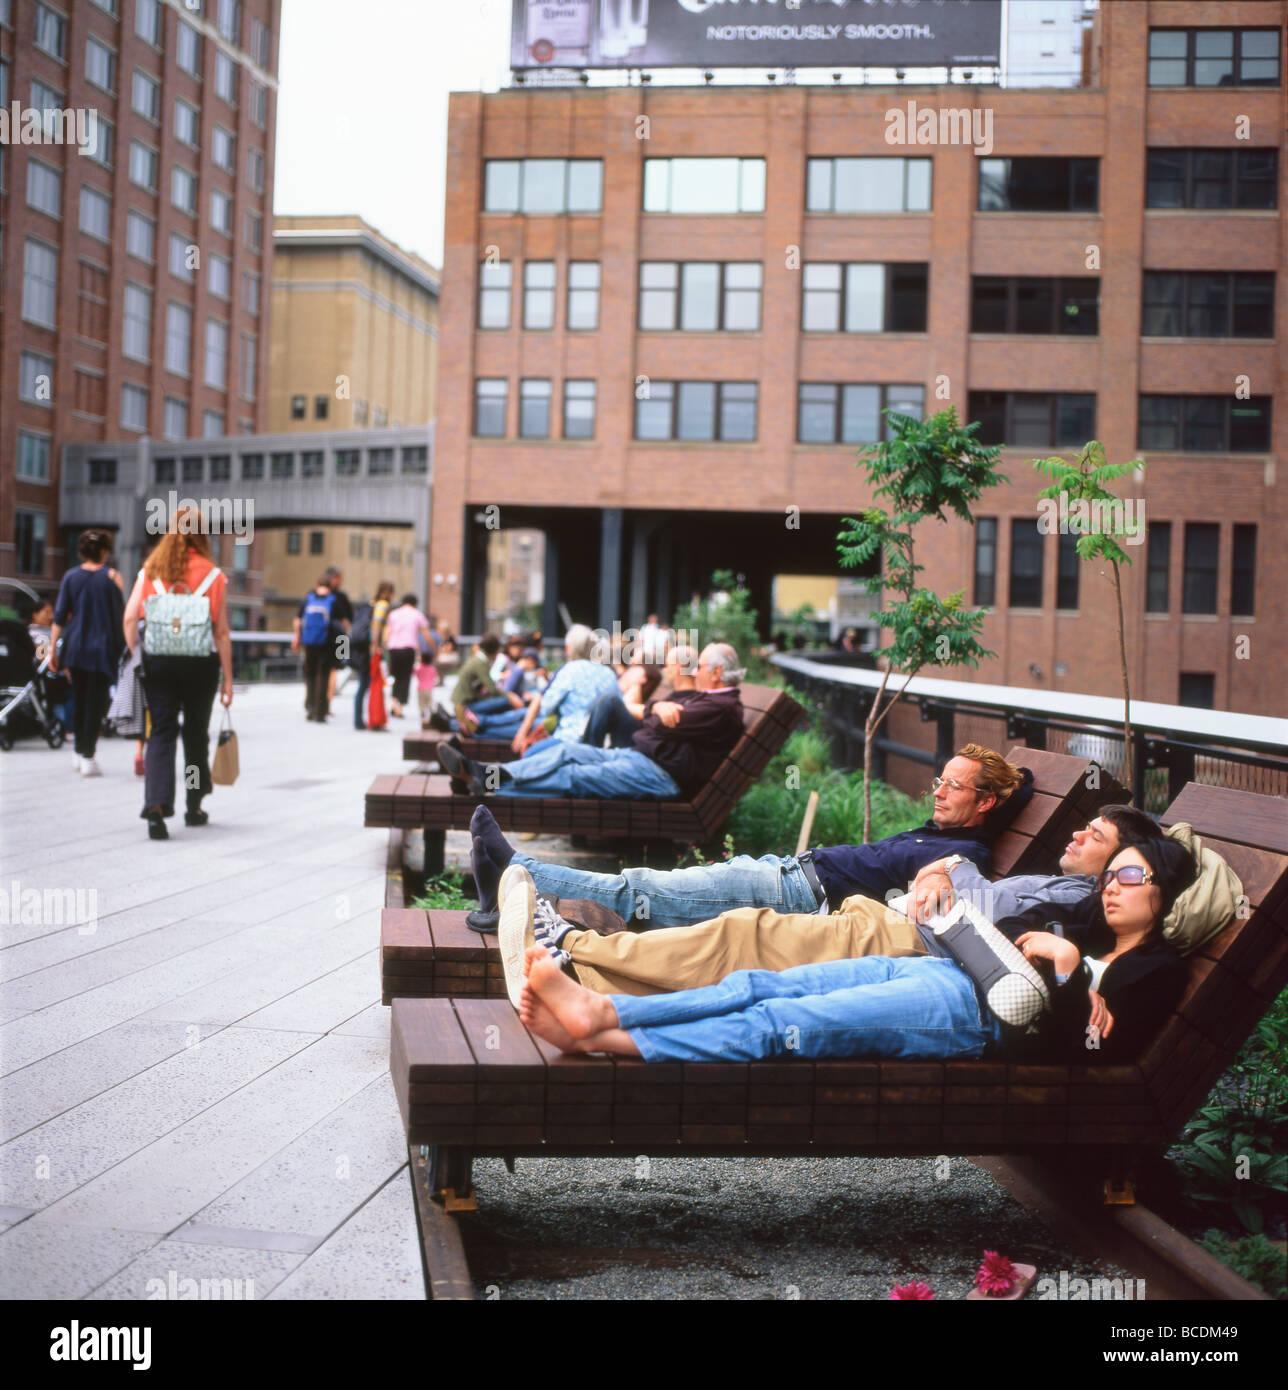 Persone relax su legno ipe chaise lounge mobili sulla nuova linea Alta Park a Chelsea, Manhattan New York City USA Immagini Stock